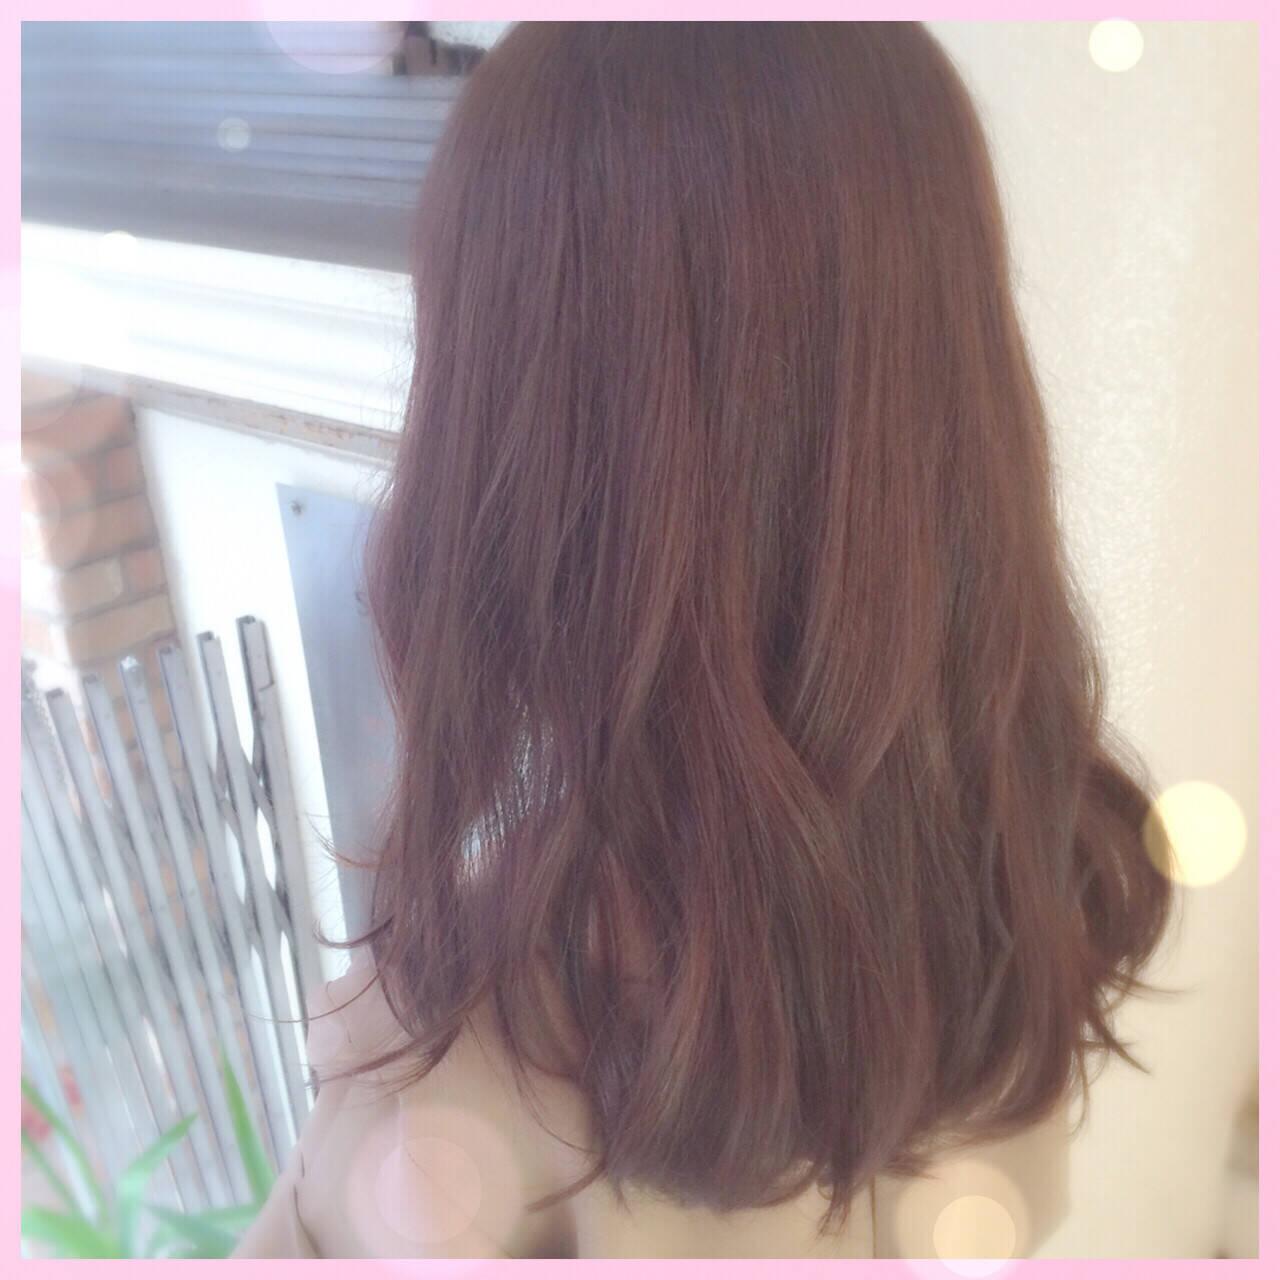 セミロング ベージュ ピンク ナチュラルヘアスタイルや髪型の写真・画像